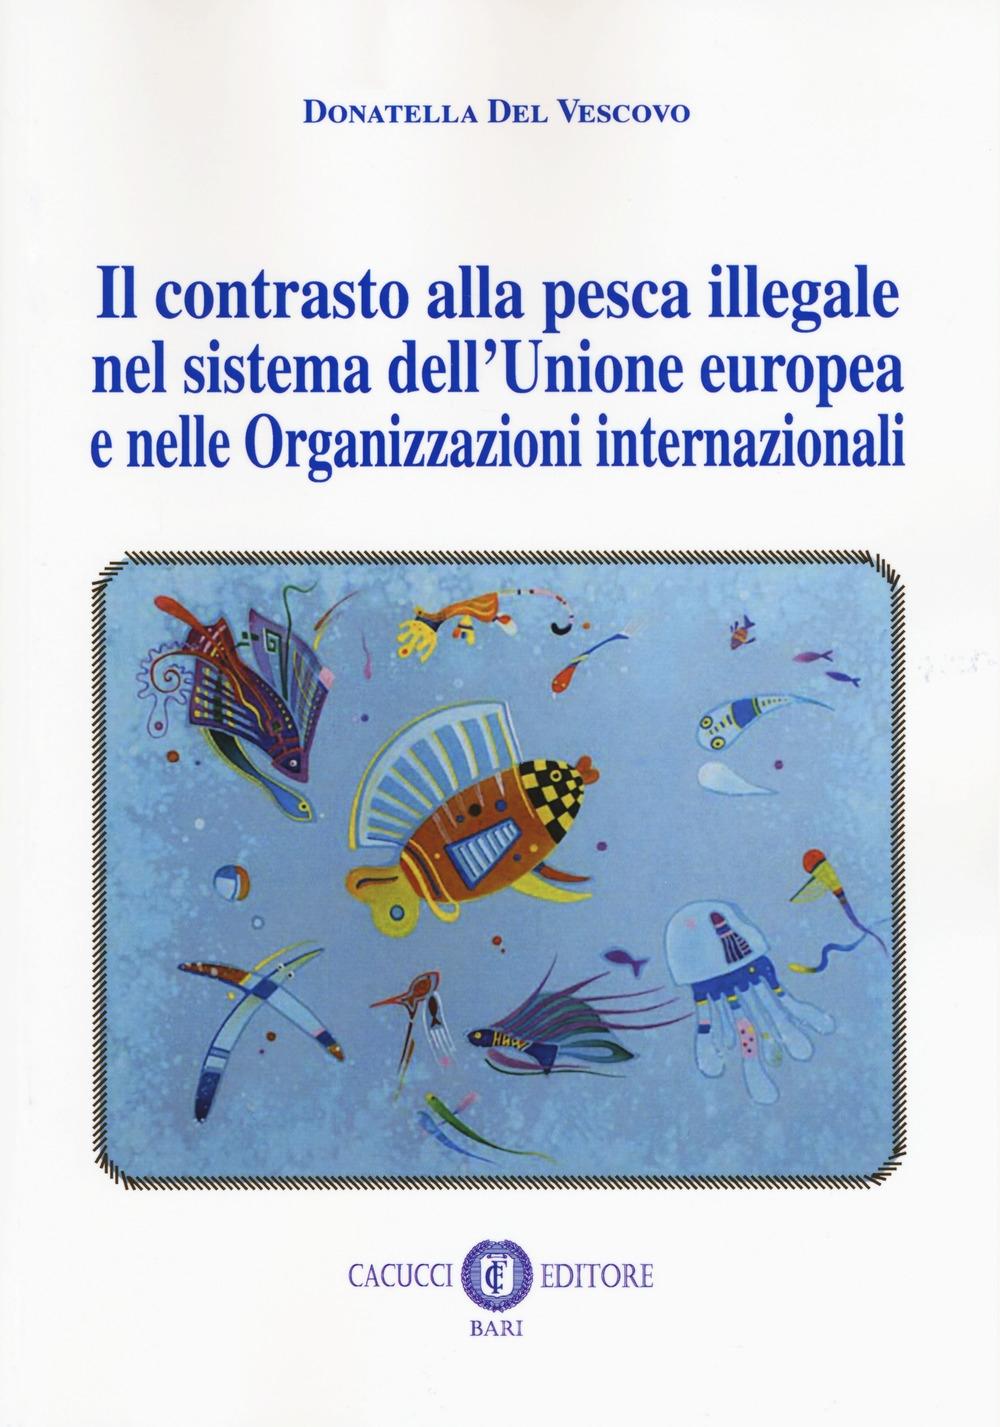 Il contrasto alla pesca illegale nel sistema dell'Unione europea e nelle organizzazioni internazionali